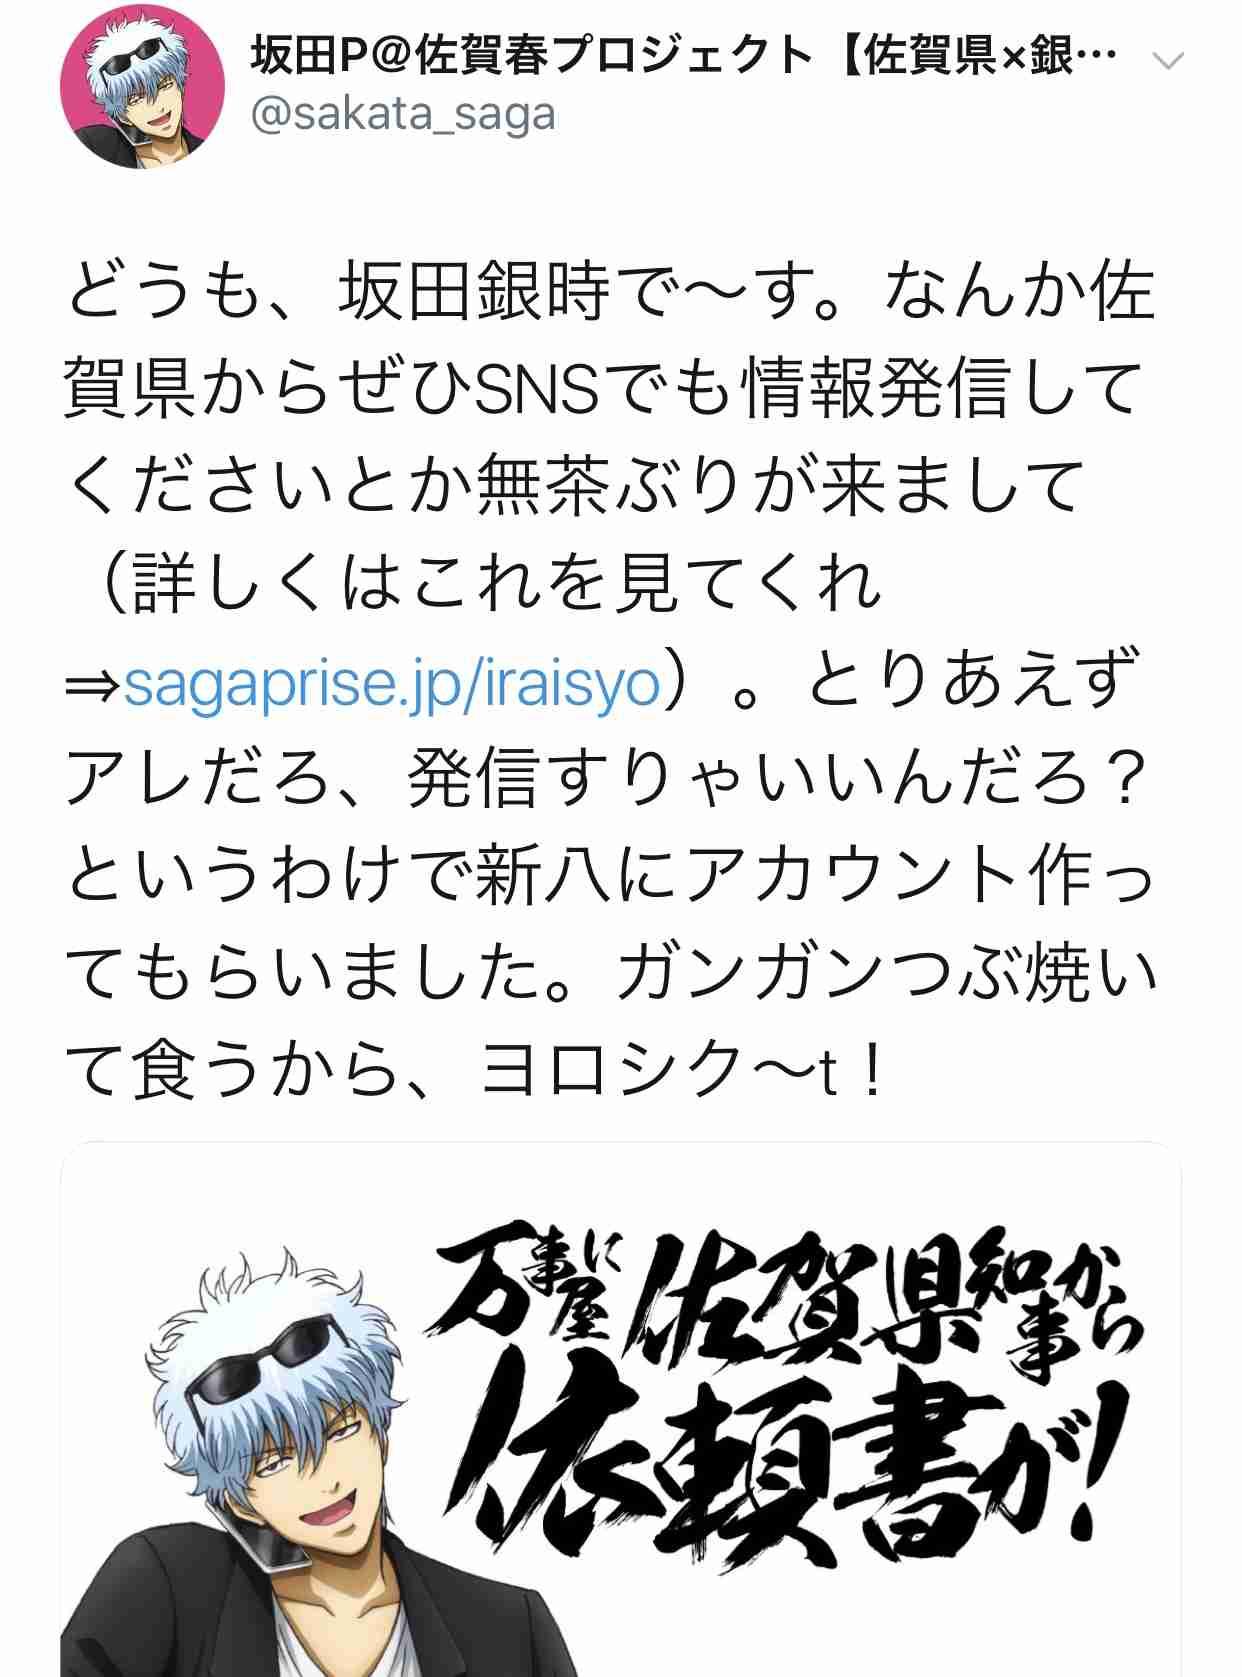 """「銀魂」銀さんが佐賀をプロデュース、定春を""""佐賀春""""に改名してご当地キャラに"""